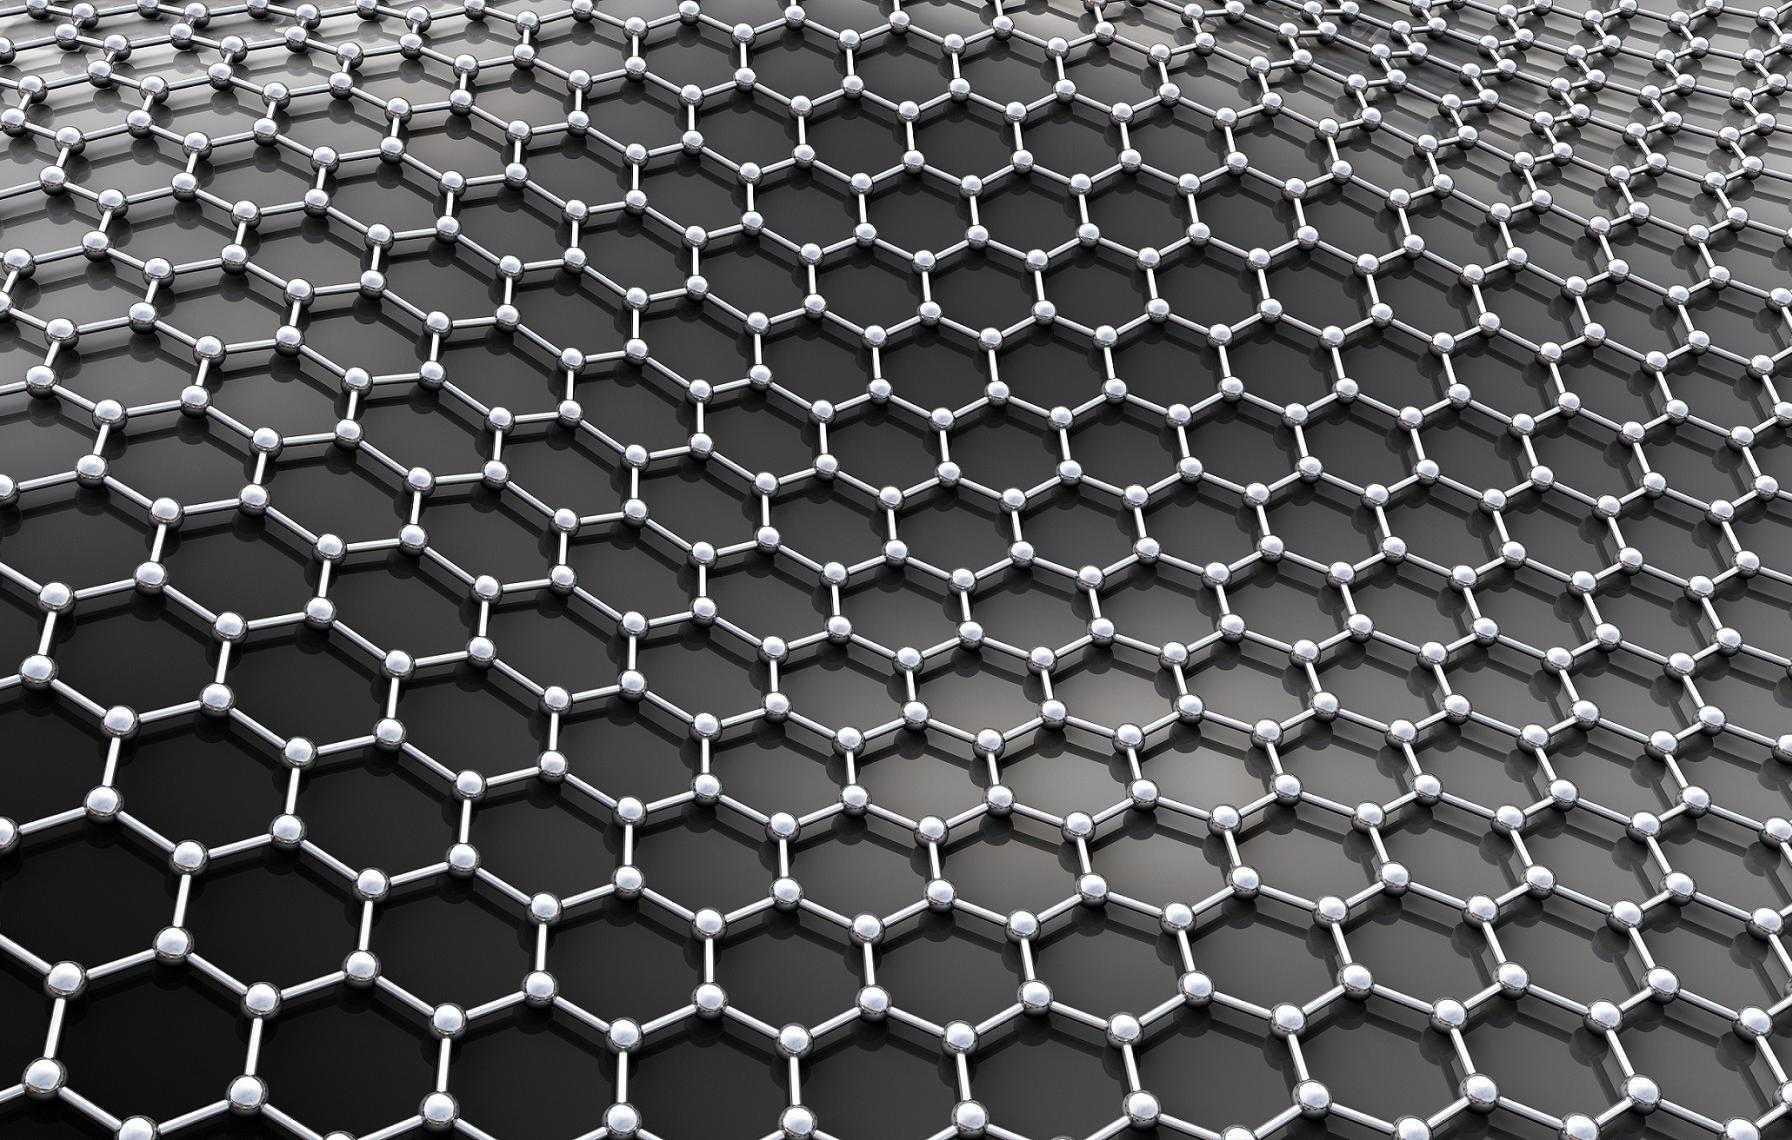 Des scientifiques découvrent un nouveau matériau 2D plus résistant que le graphène